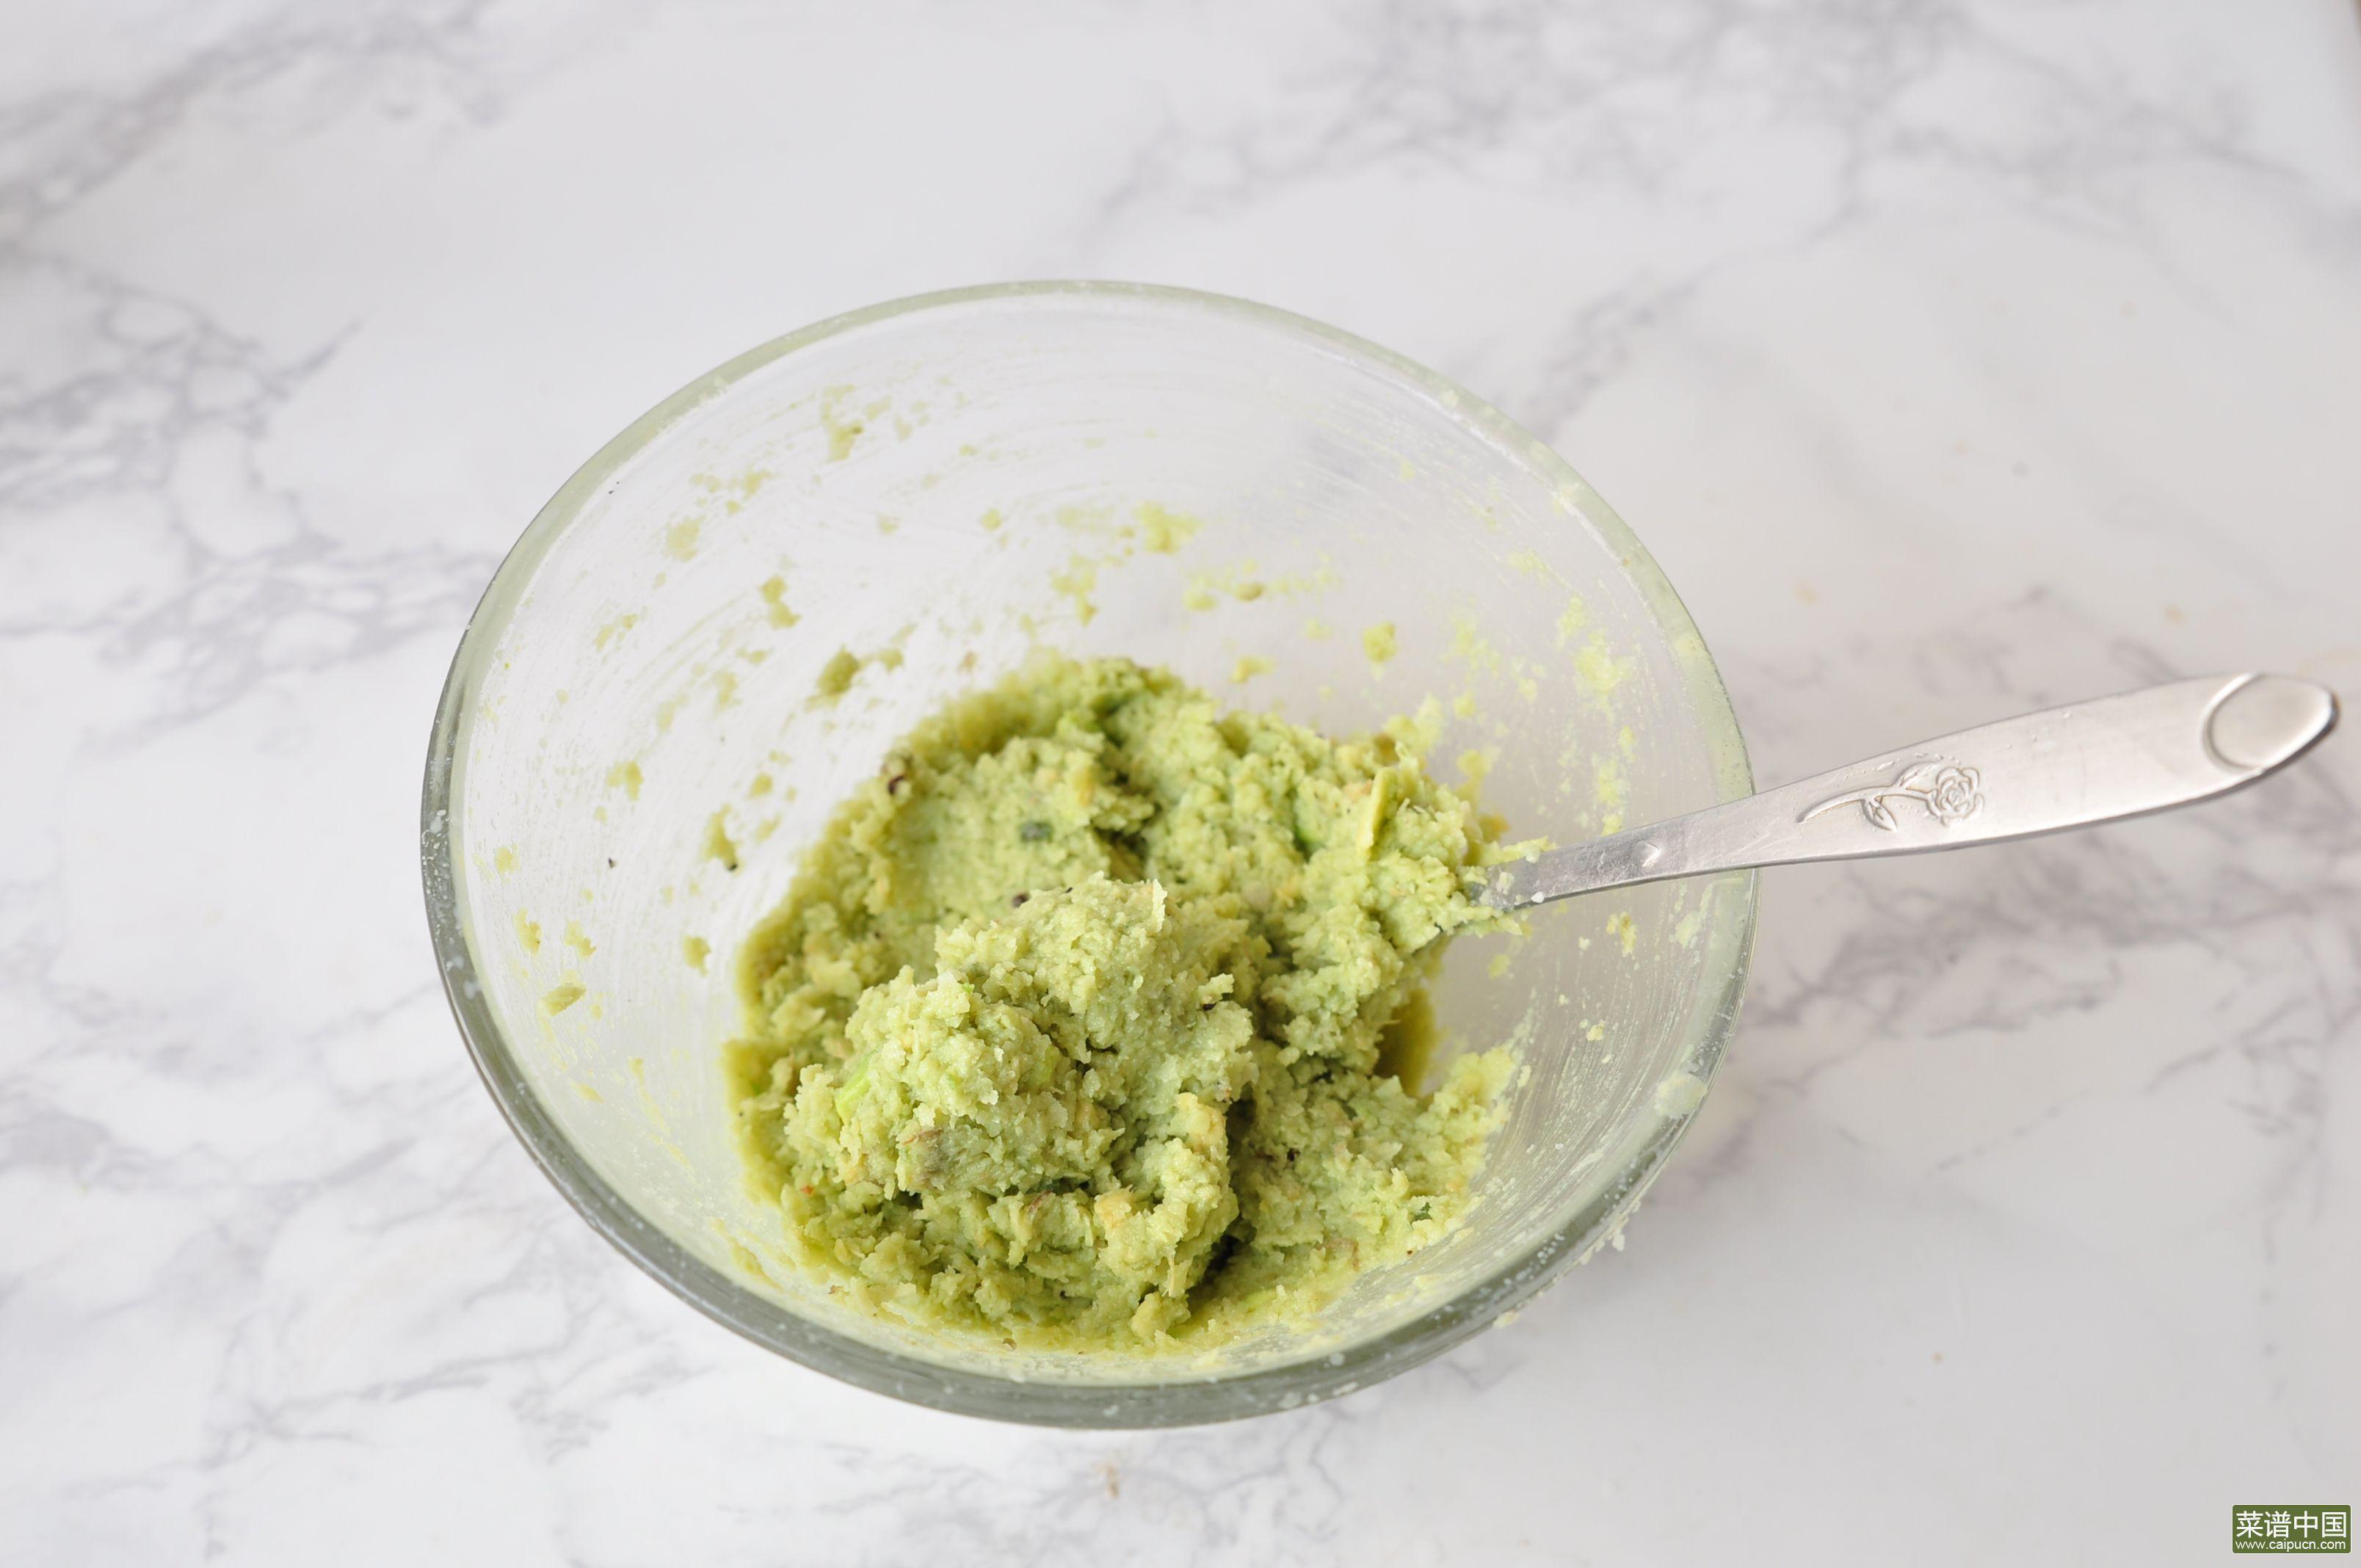 牛油果土豆泥的做法步骤6